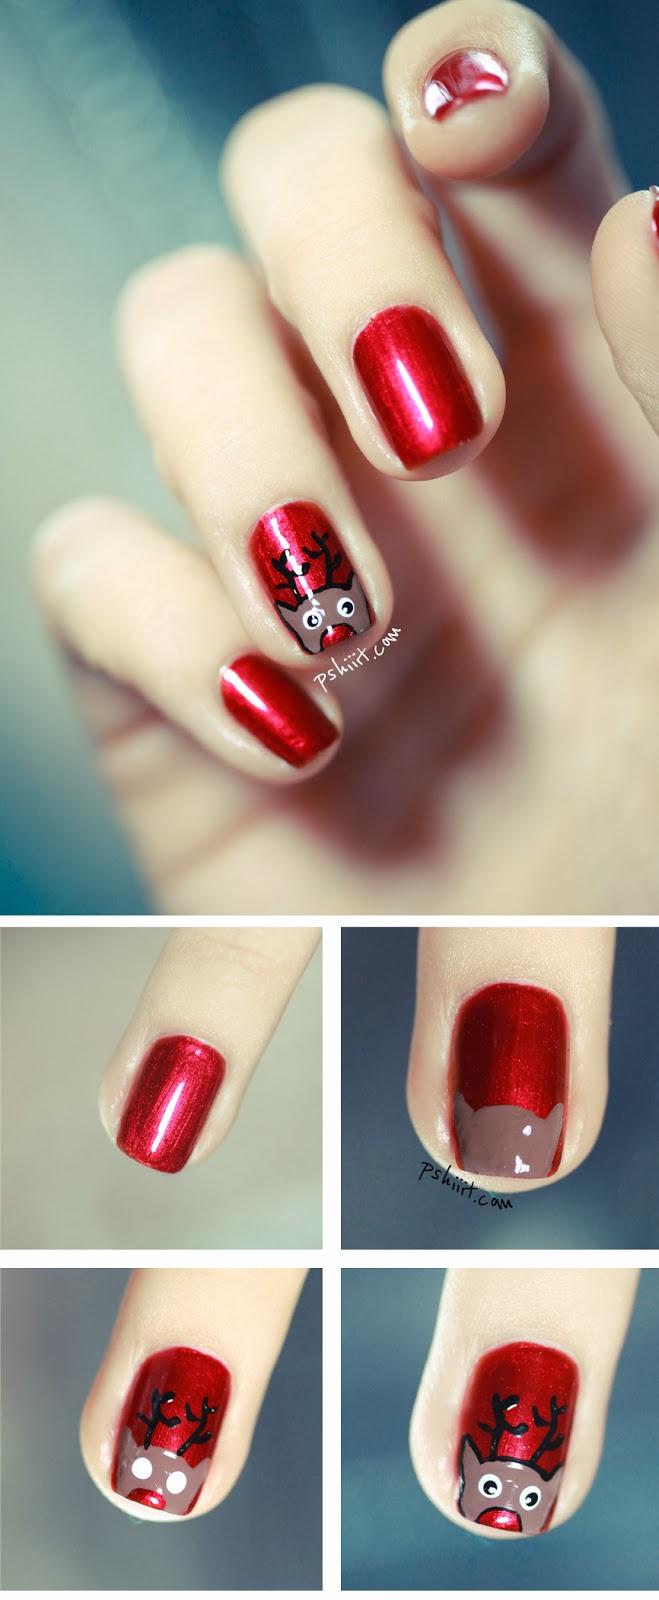 Χαριτωμένες DIY Ιδέες τέχνης νυχιών για τα Χριστούγεννα18